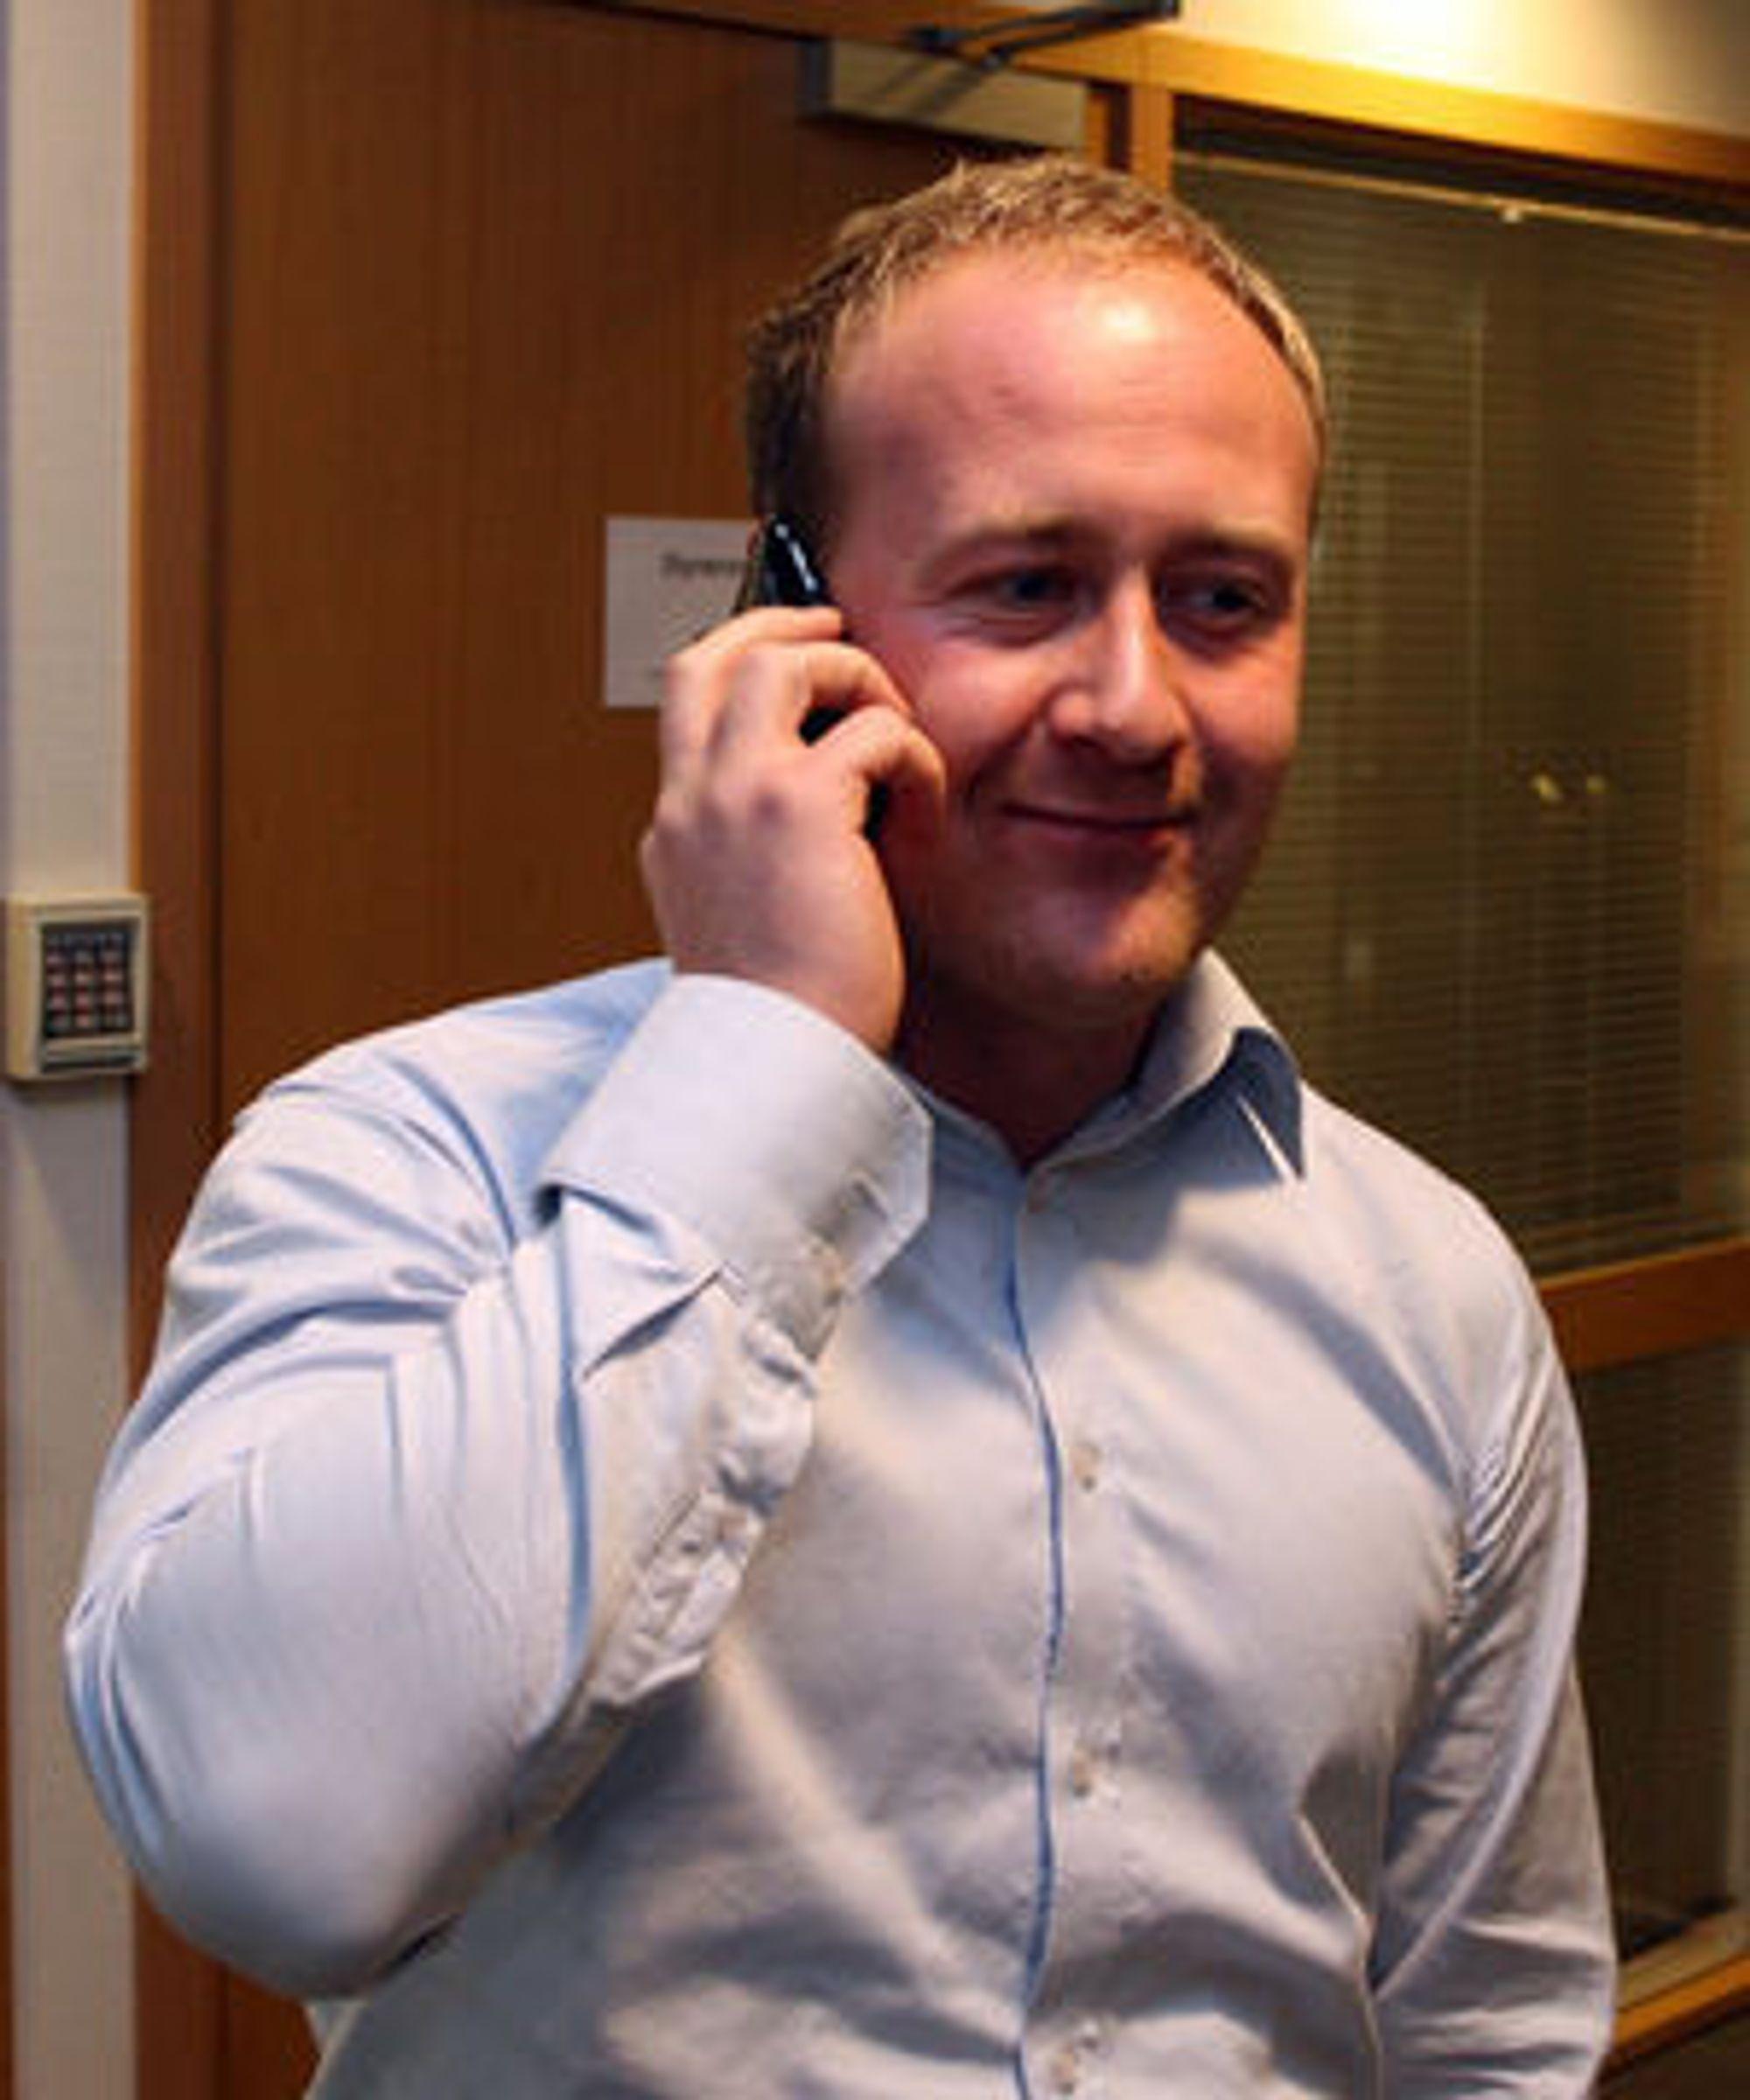 Øyvind Vedeerhus i Netcom mener dagens forreteningsmodell med flat rate på mobil data ikke er bærekraftig.